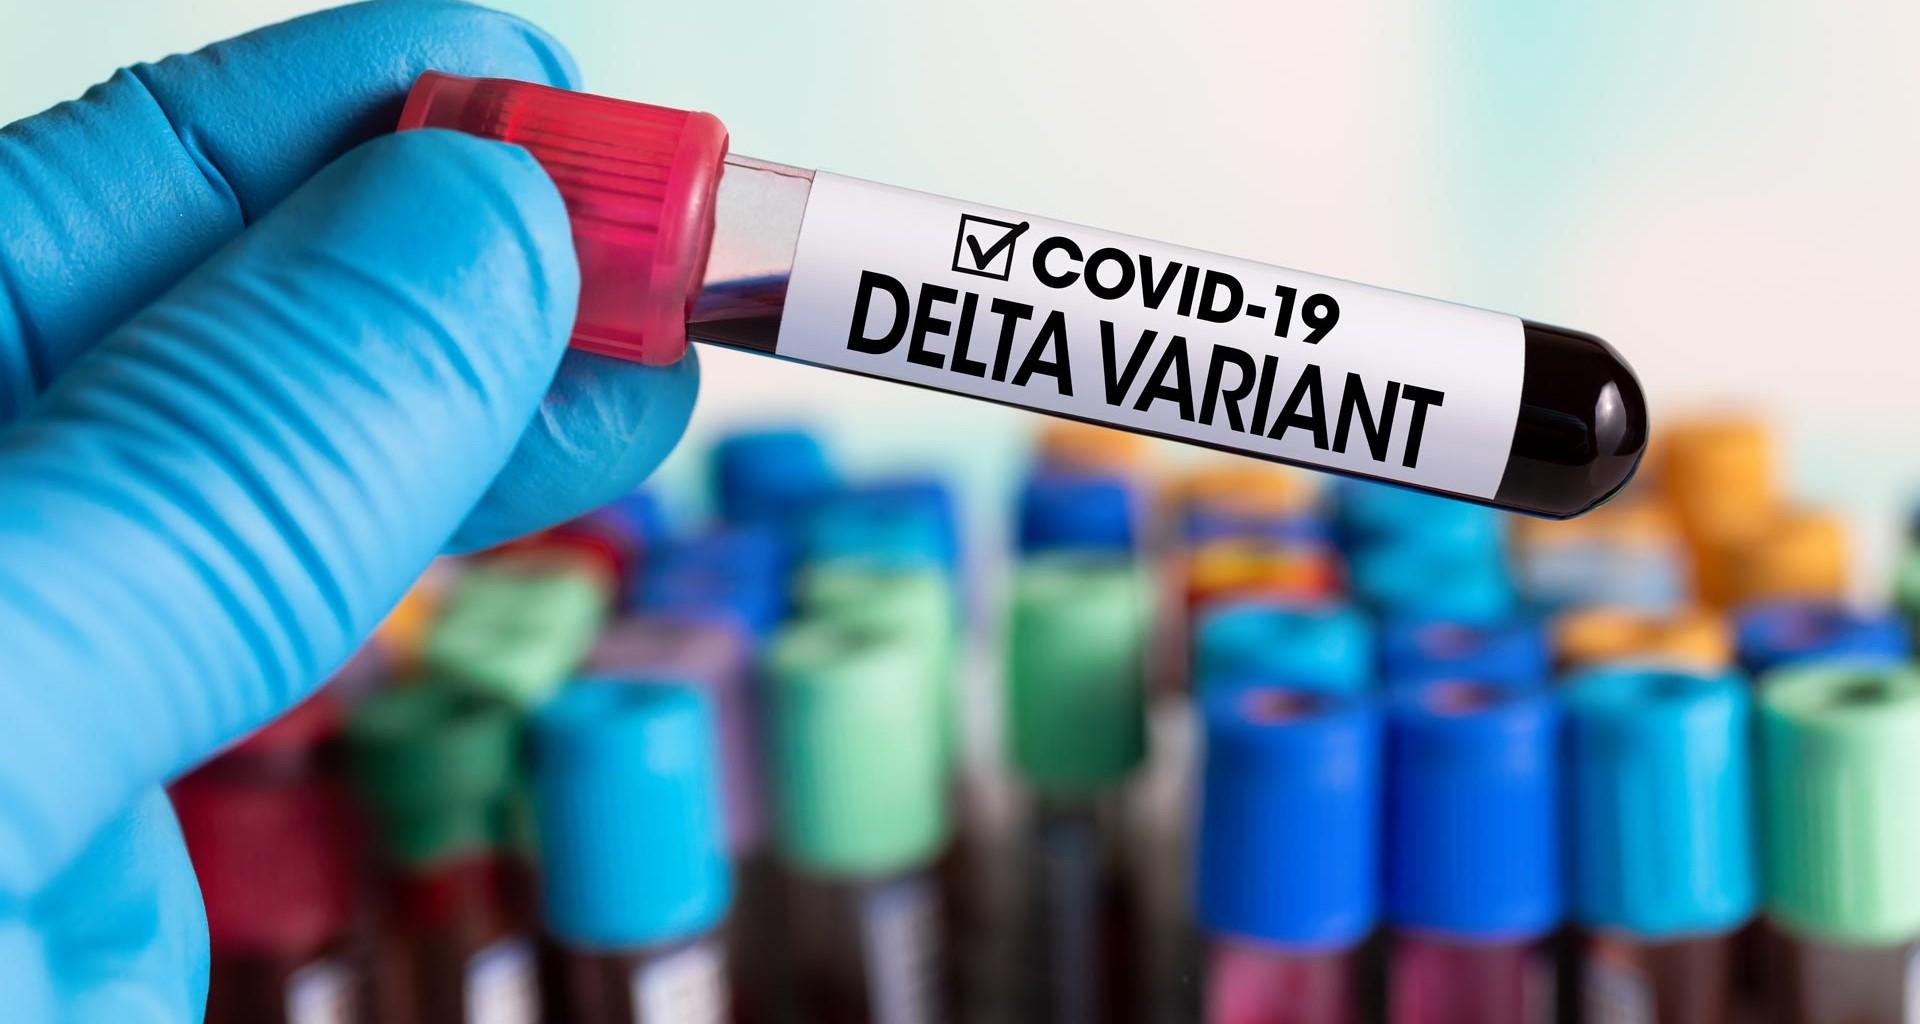 Se confirma circulación de variante Delta en el Huila. - Noticias de Colombia